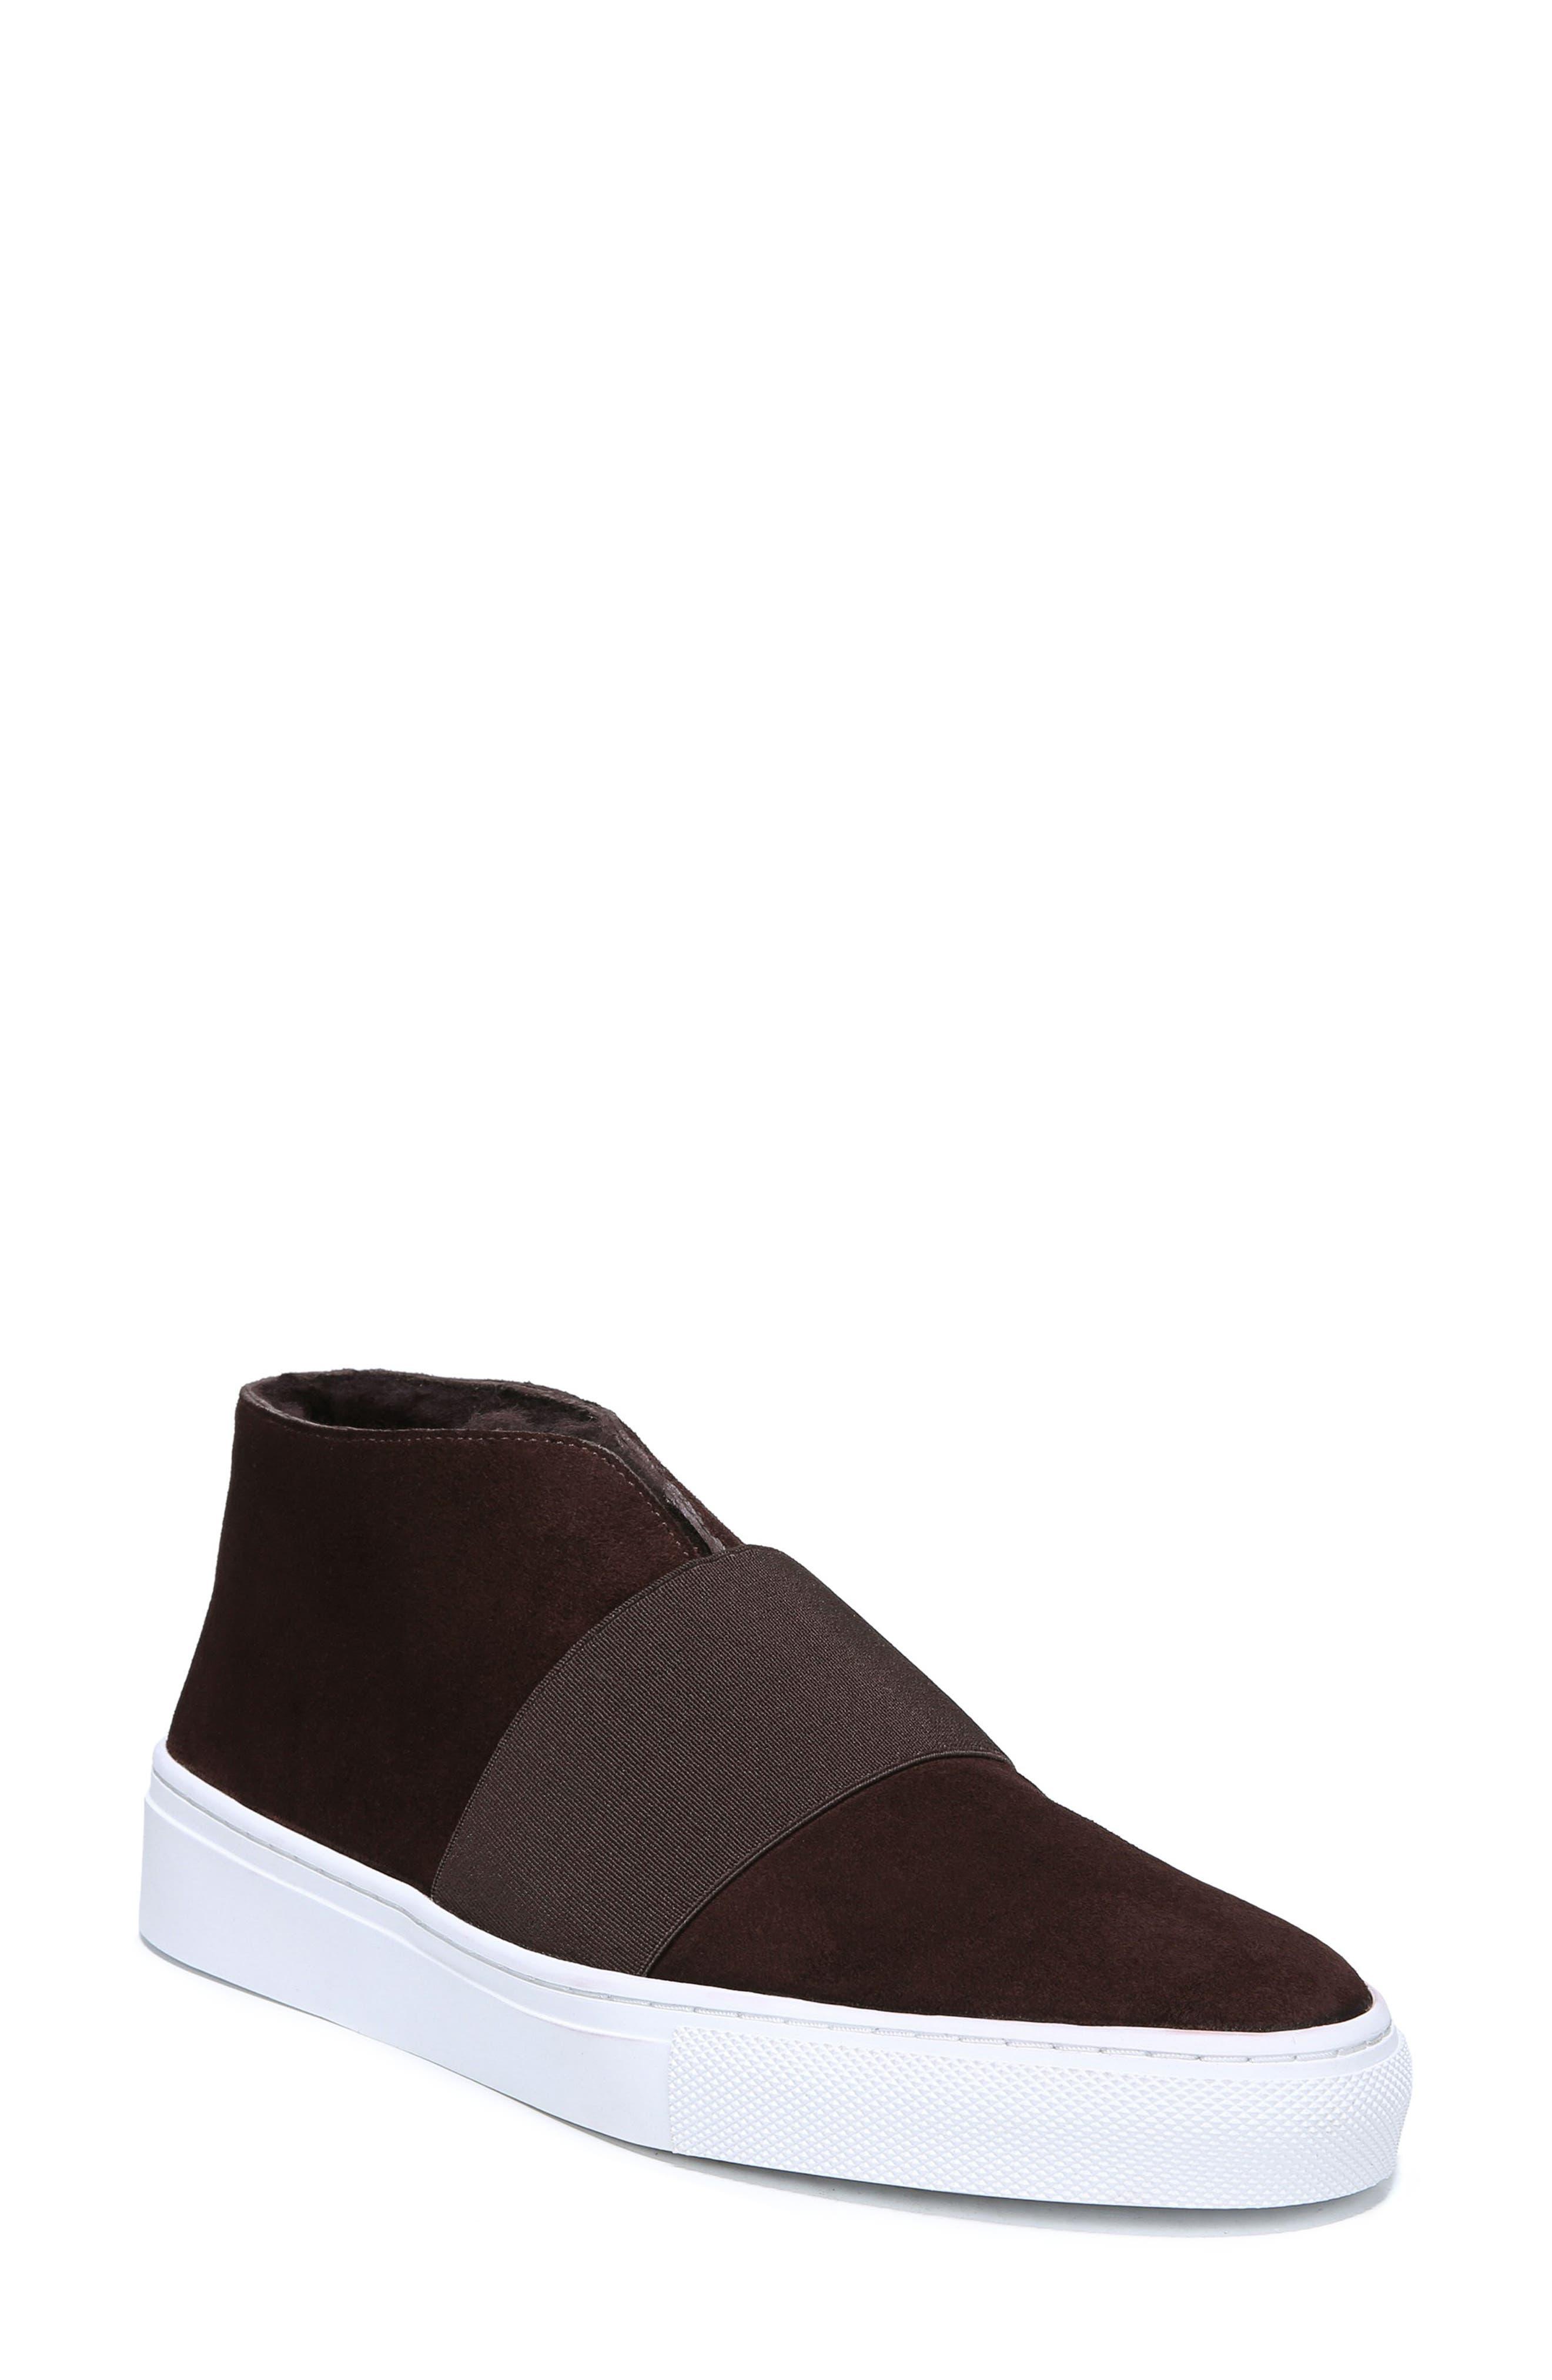 VIA SPIGA Sayer Genuine Shearling Slip-On Sneaker in Port